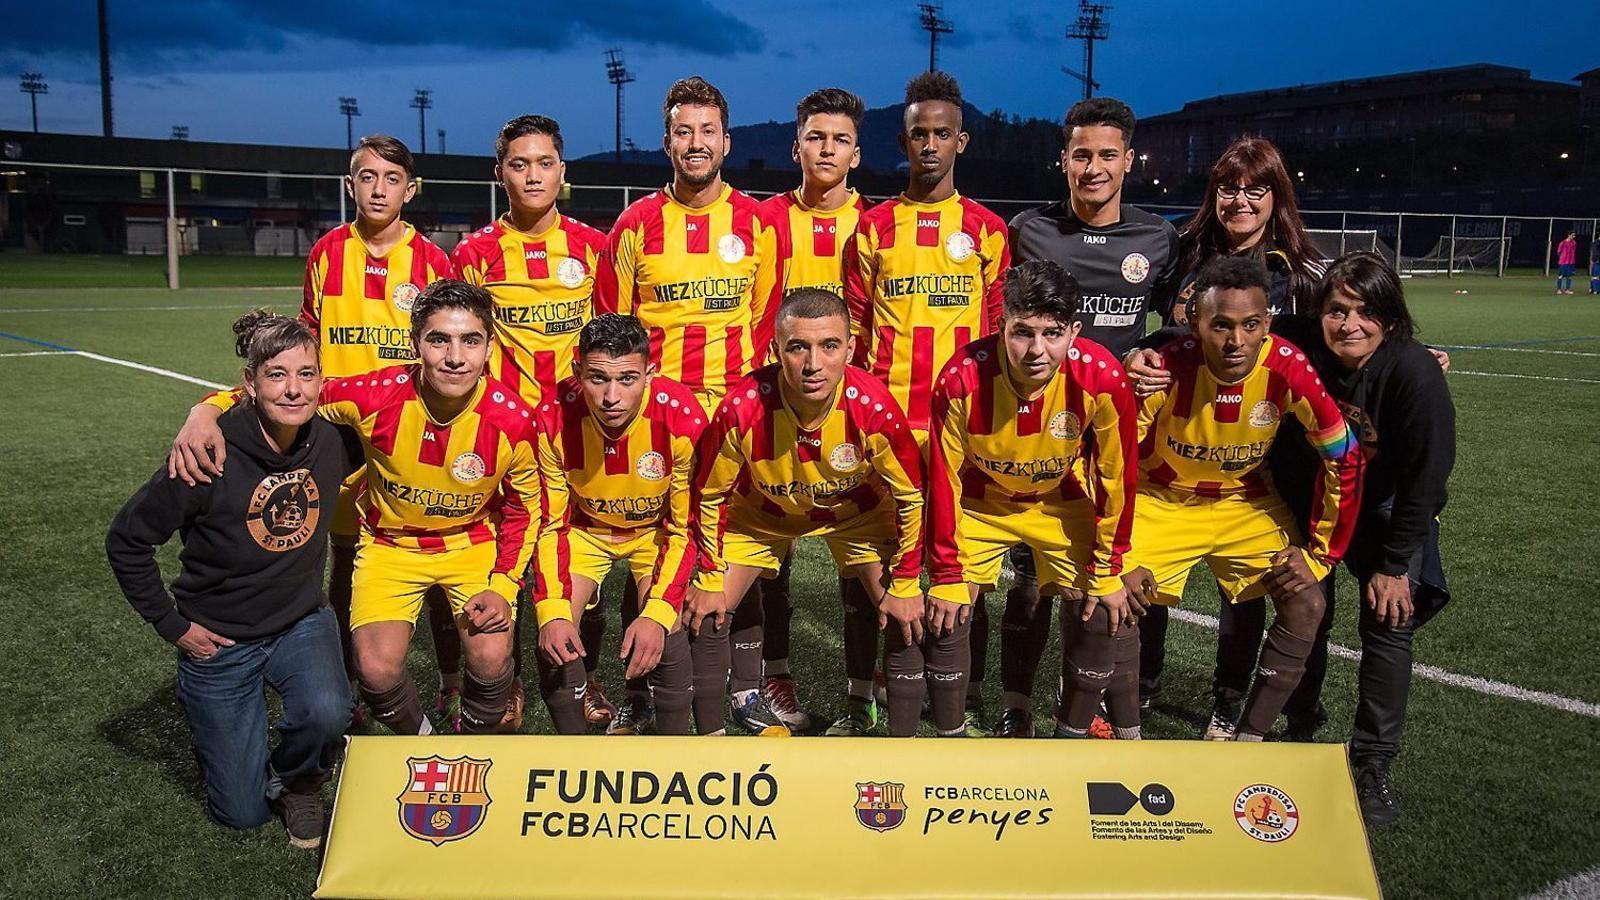 FC Lampedusa: Quan El Futbol Trenca Fronteres